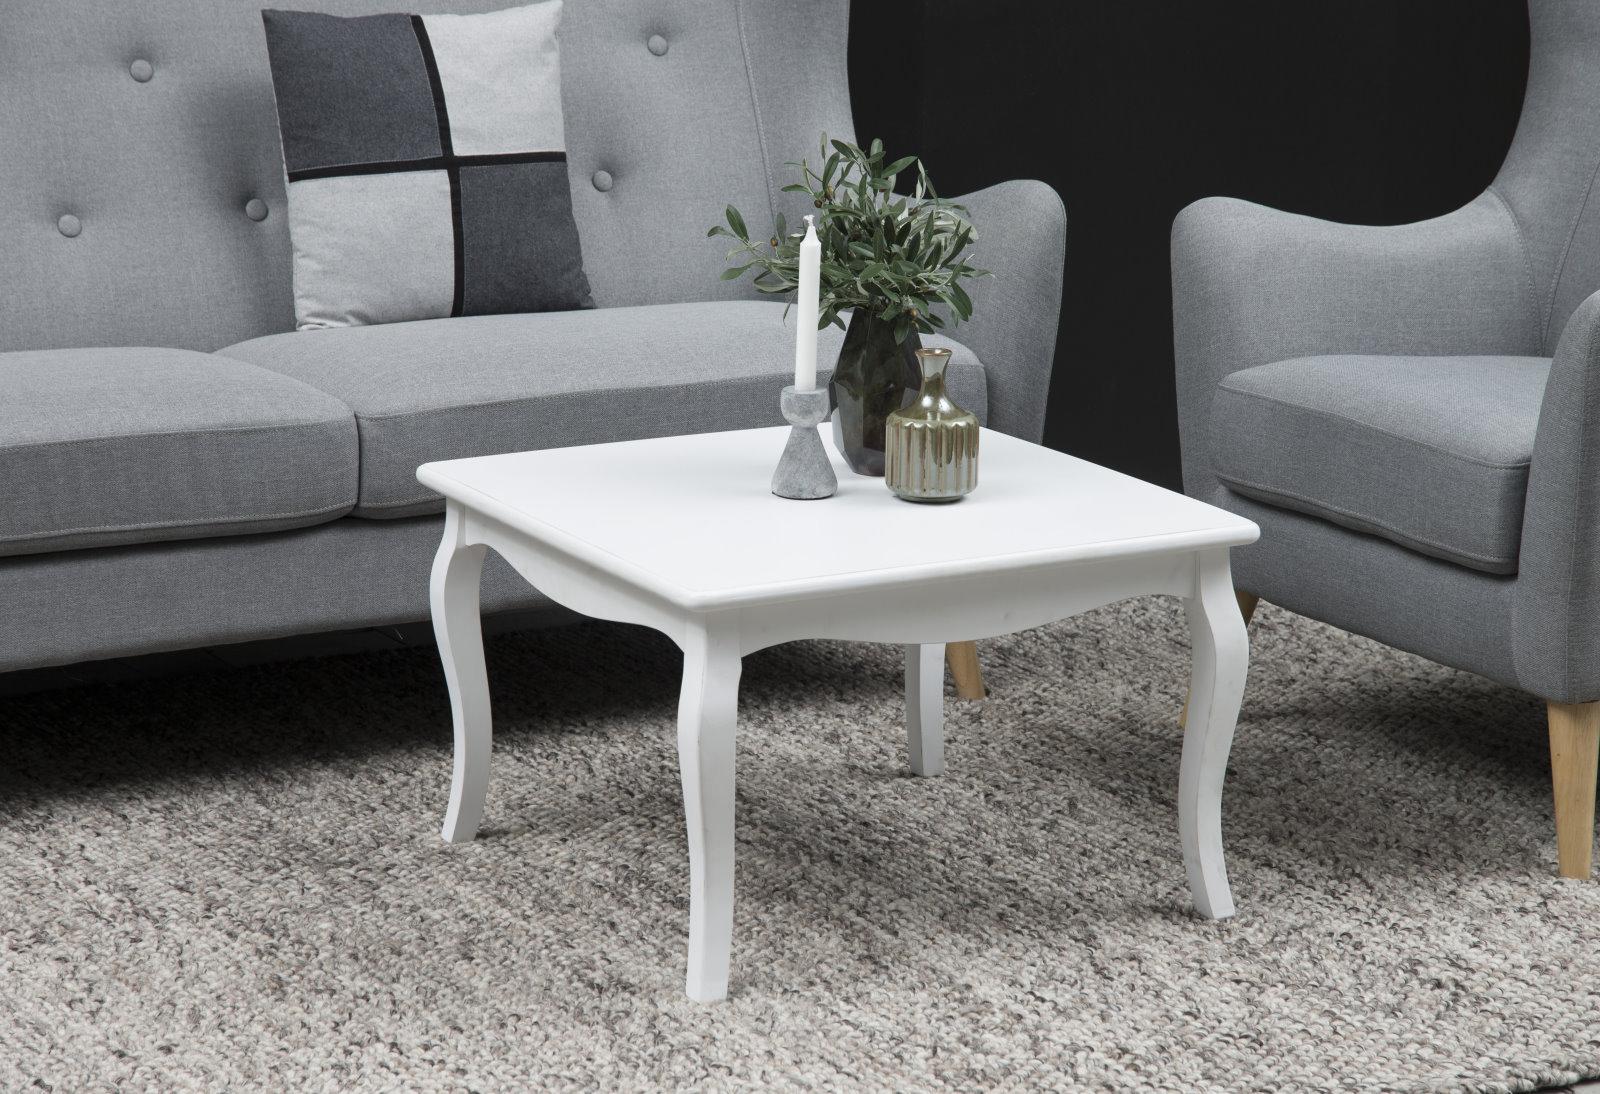 pkline couchtisch camy beistelltisch sofatisch. Black Bedroom Furniture Sets. Home Design Ideas